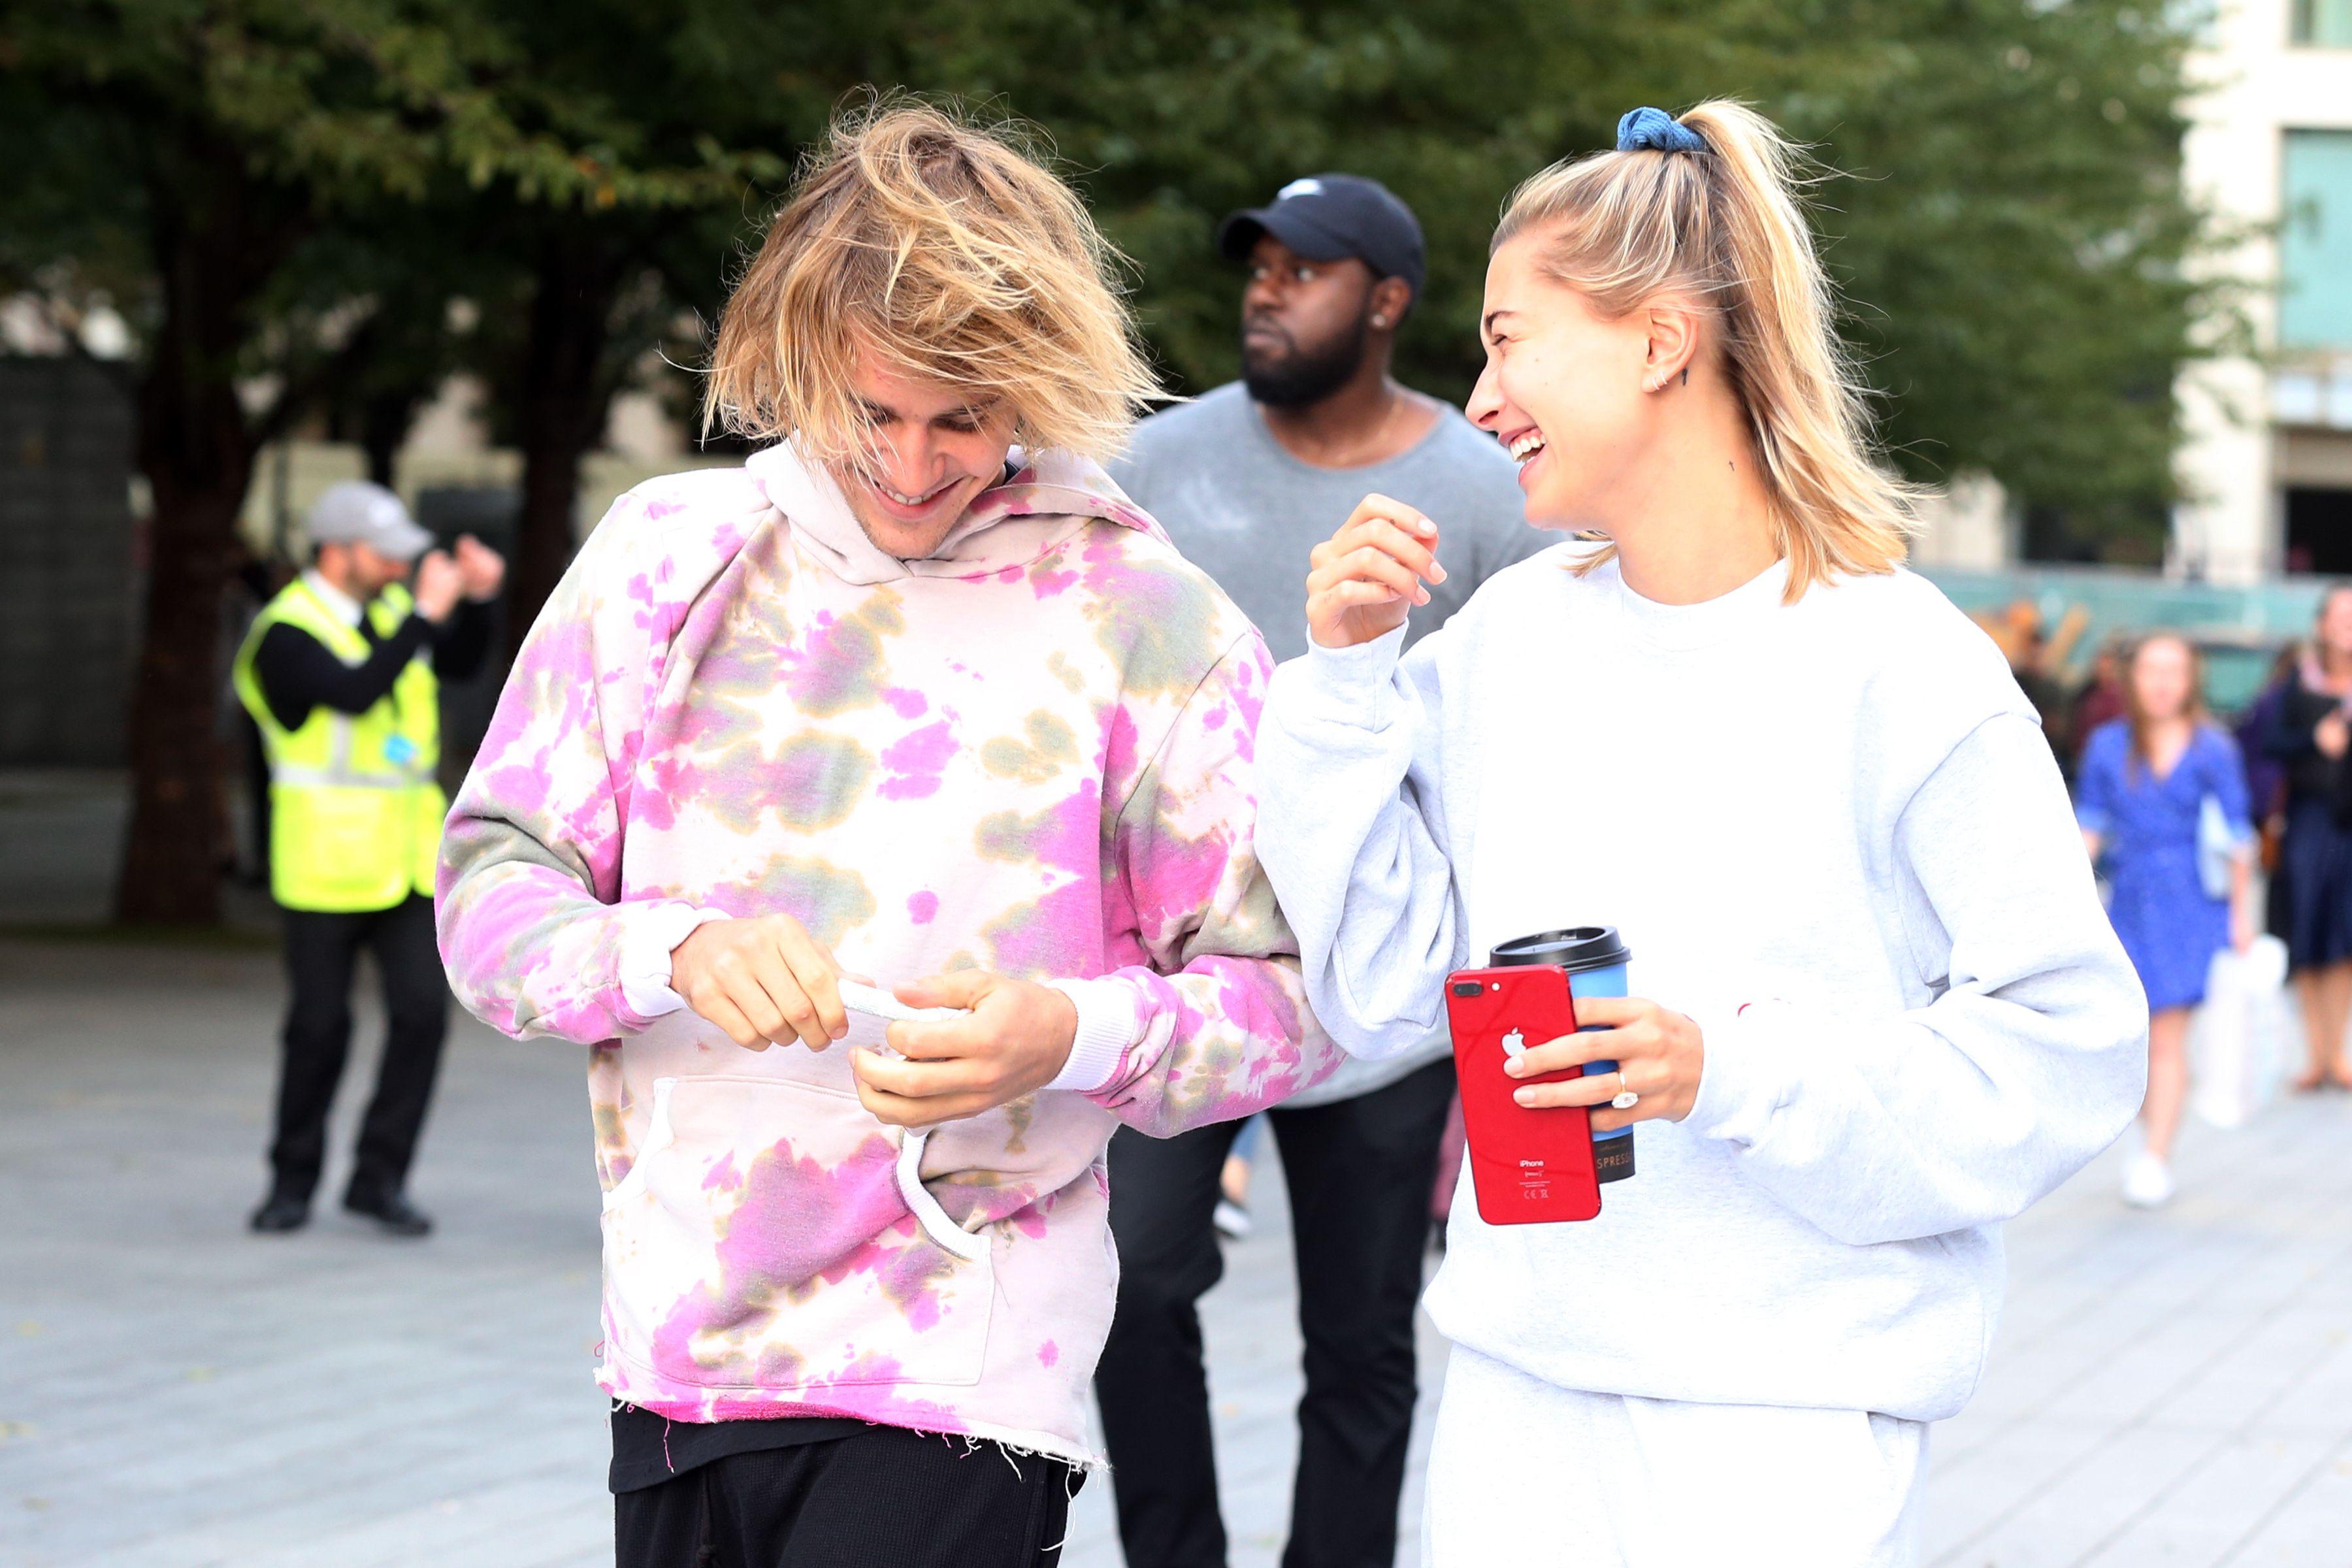 Il fidanzamento ufficiale come Justin Bieber e Hailey Baldwin è ok farlo con qualcuno conosciuto da poco